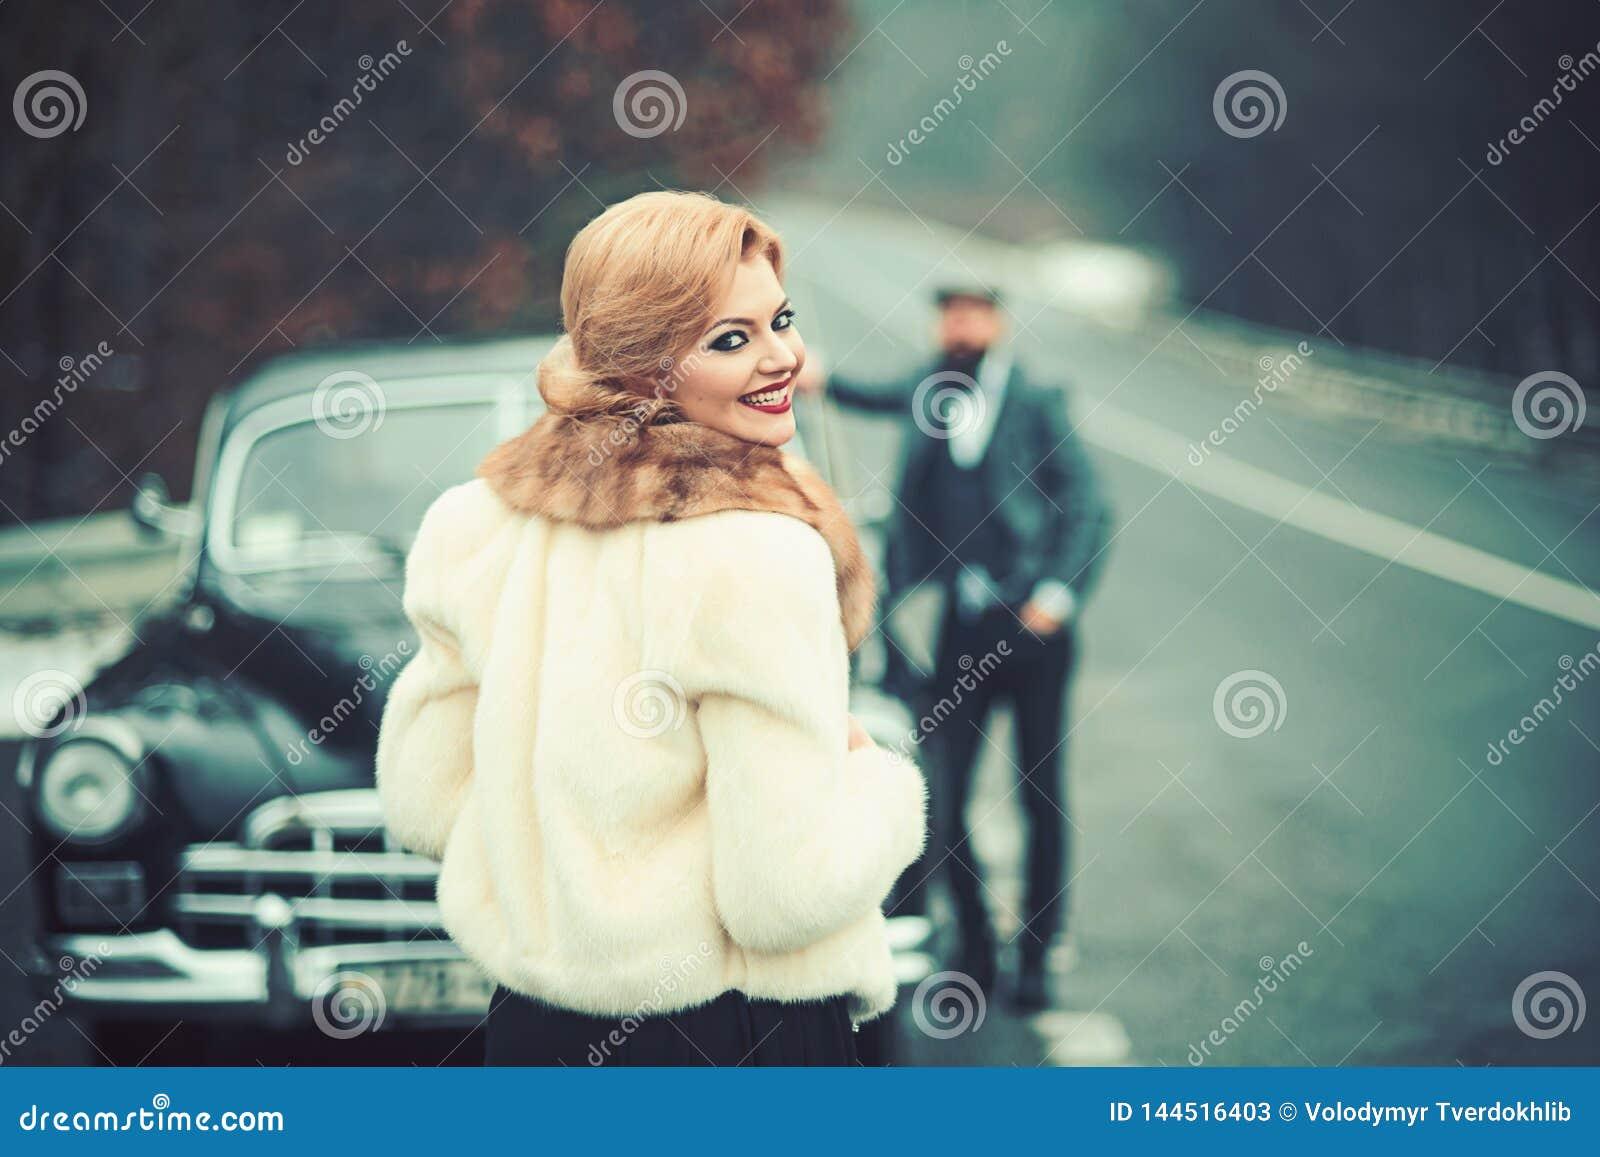 Fotomeisje, een mens en een retro auto